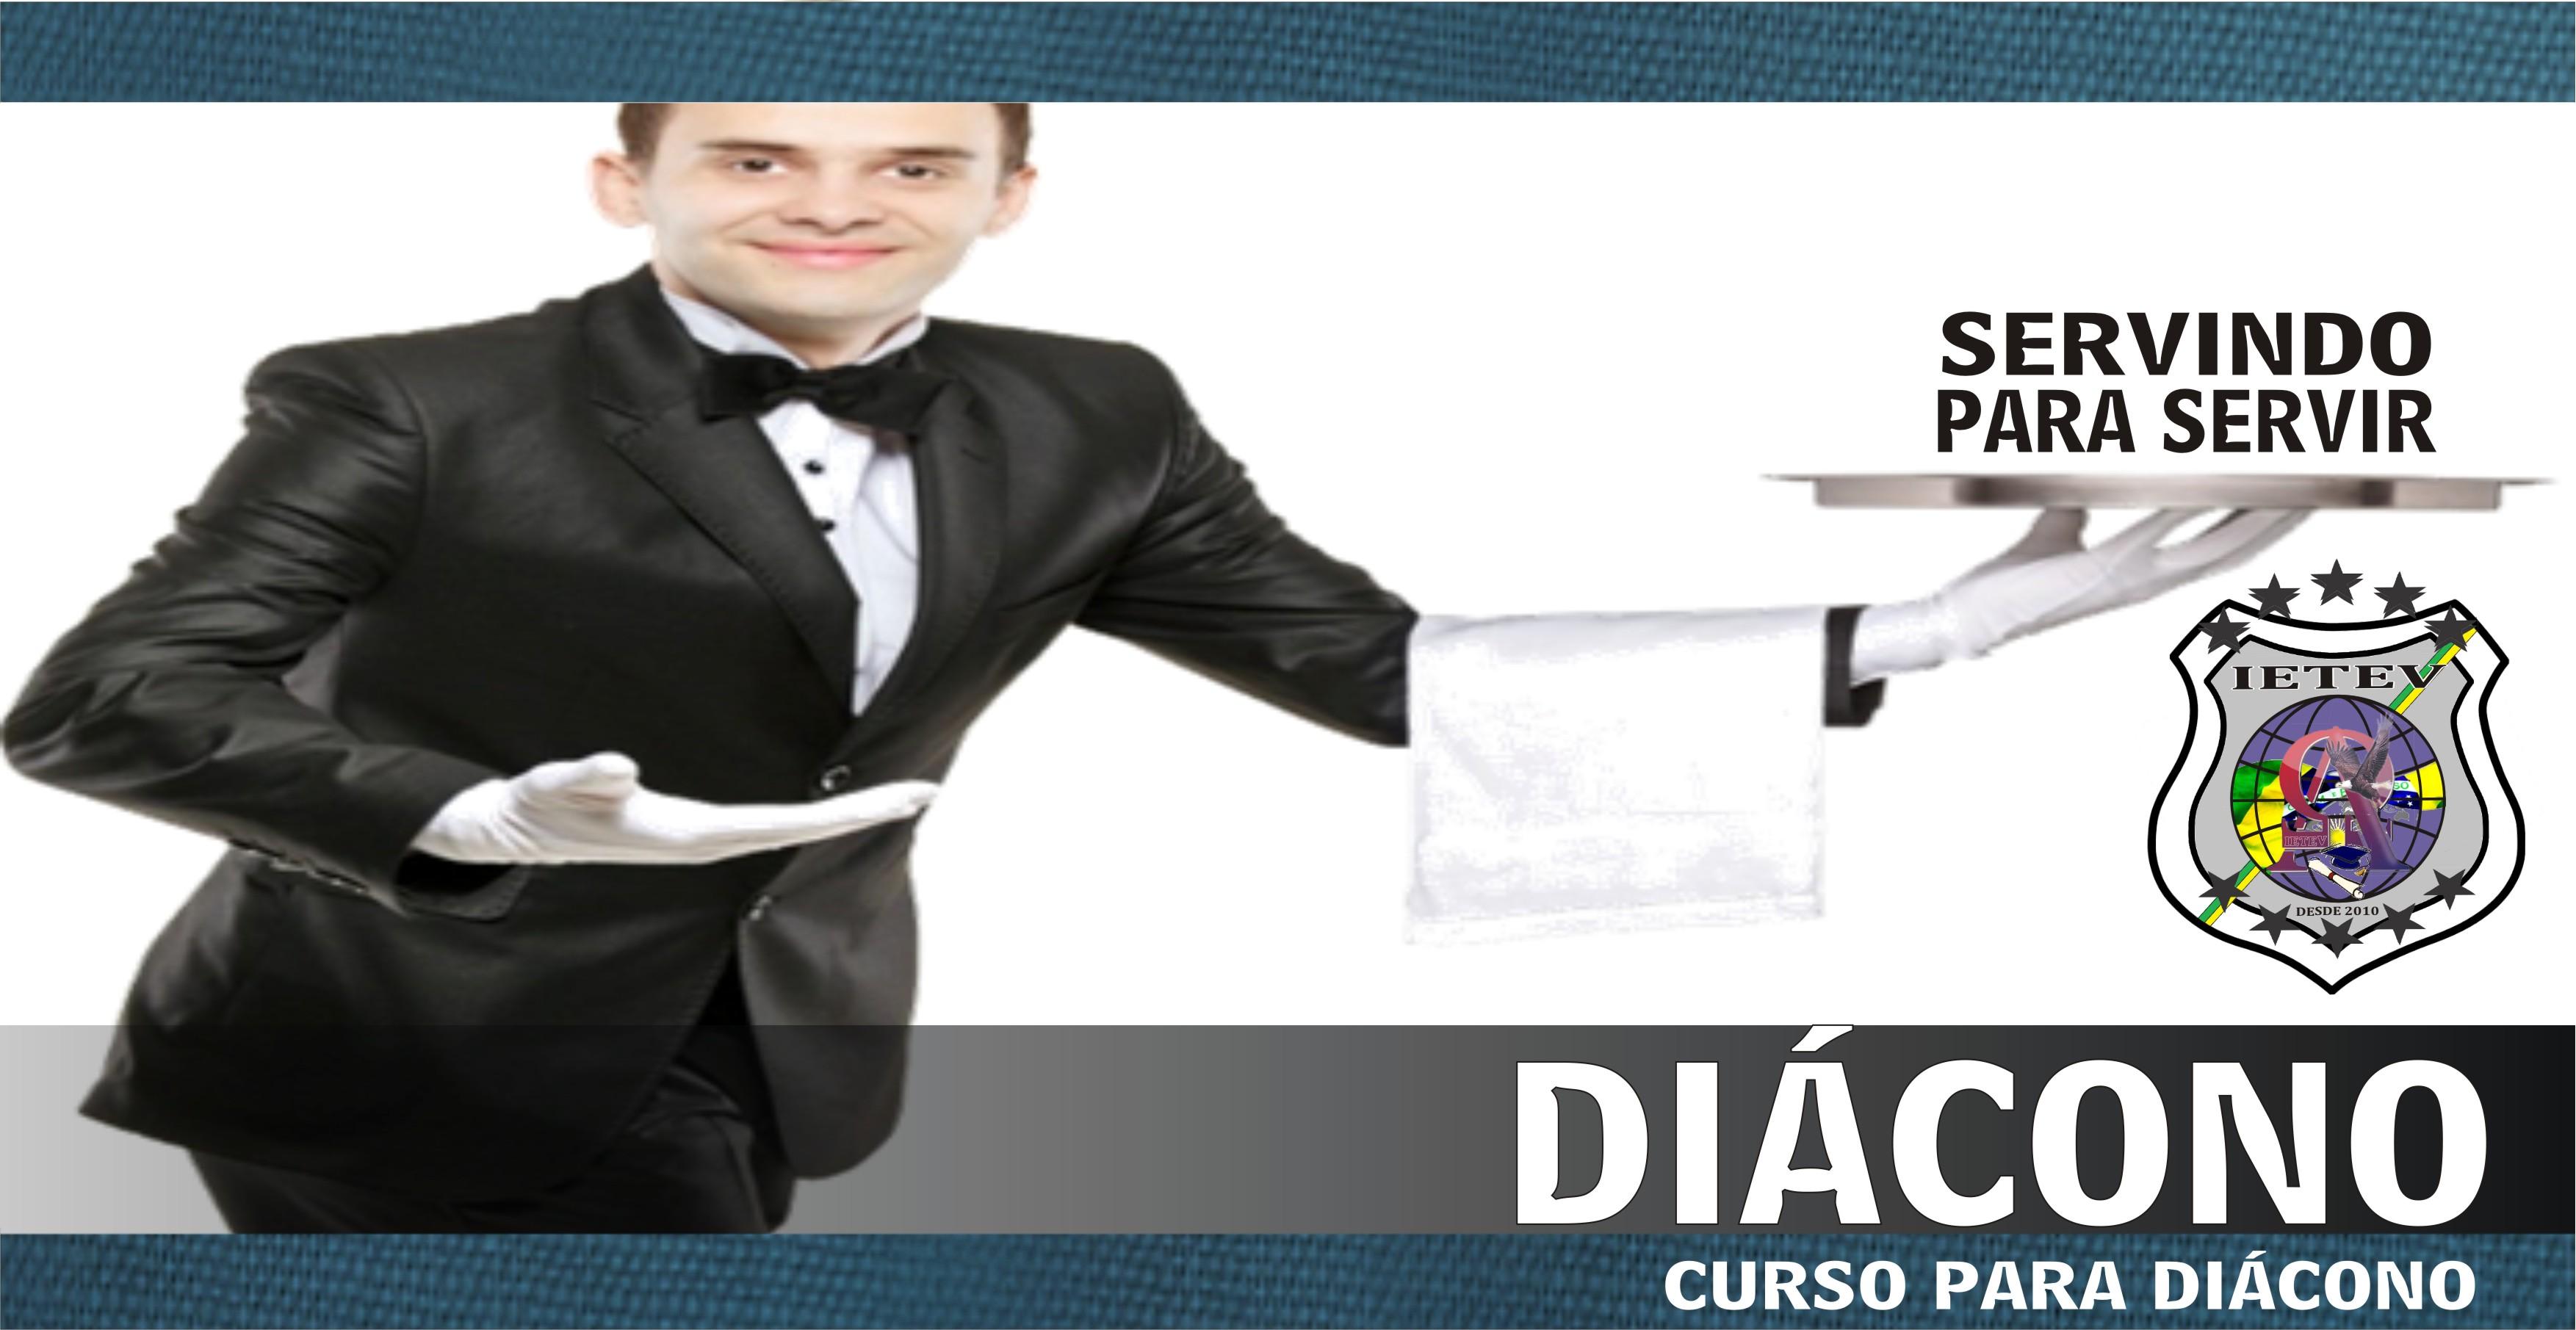 CURSO PARA DIÁCONO